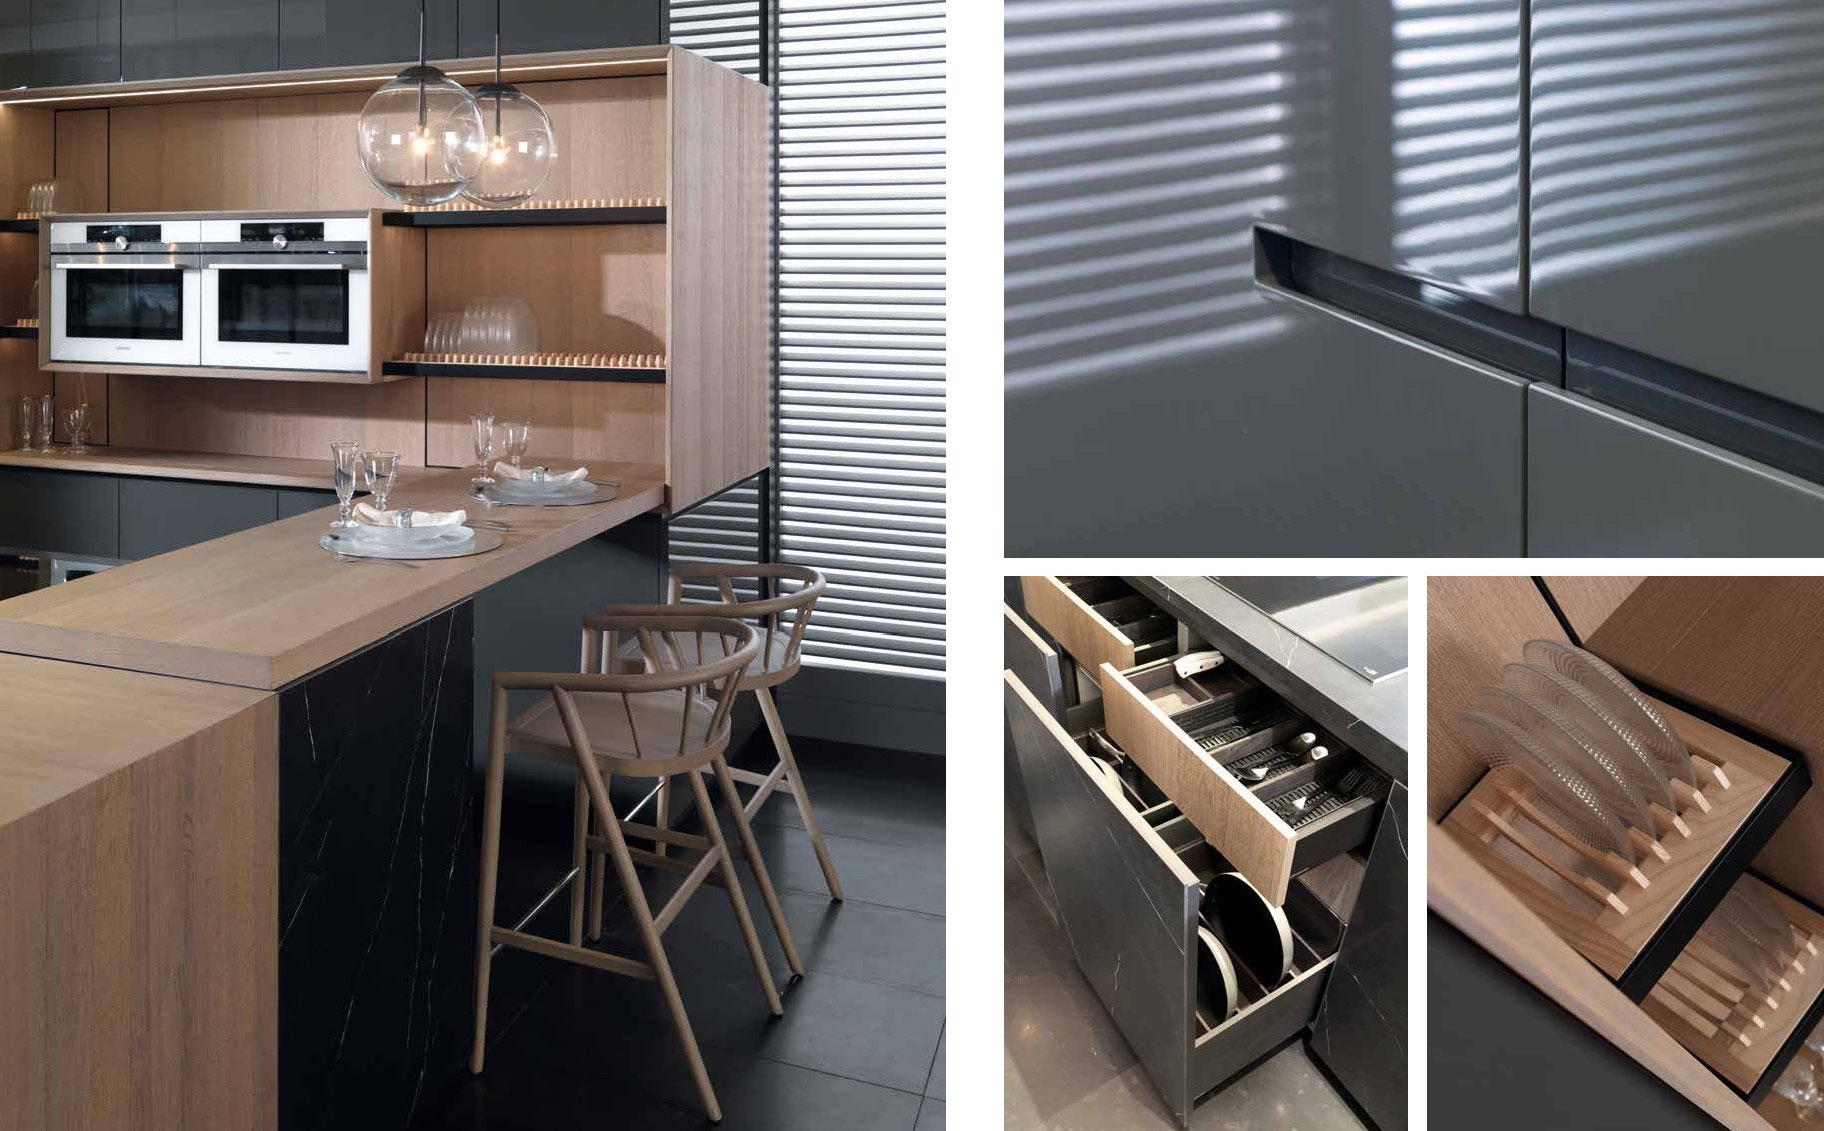 muebles-de-cocina-modernos-lujo-almacenaje-interior-cocinas-madrid-12